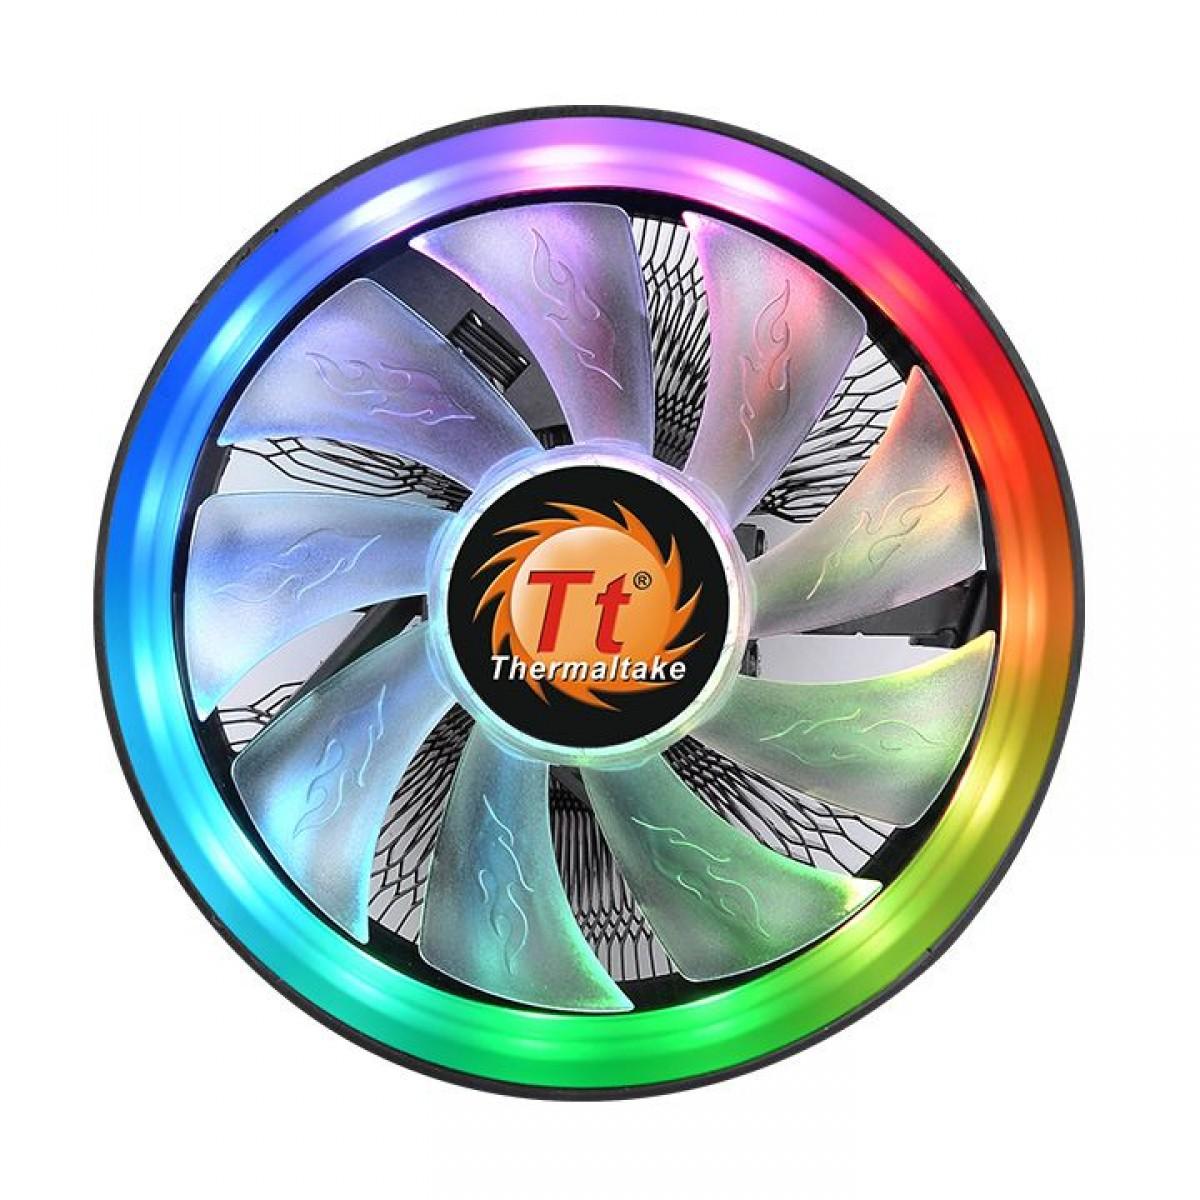 COOLER PARA PROCESSADOR THERMALTAKE UX100 RGB CL-P064-AL12SW-A